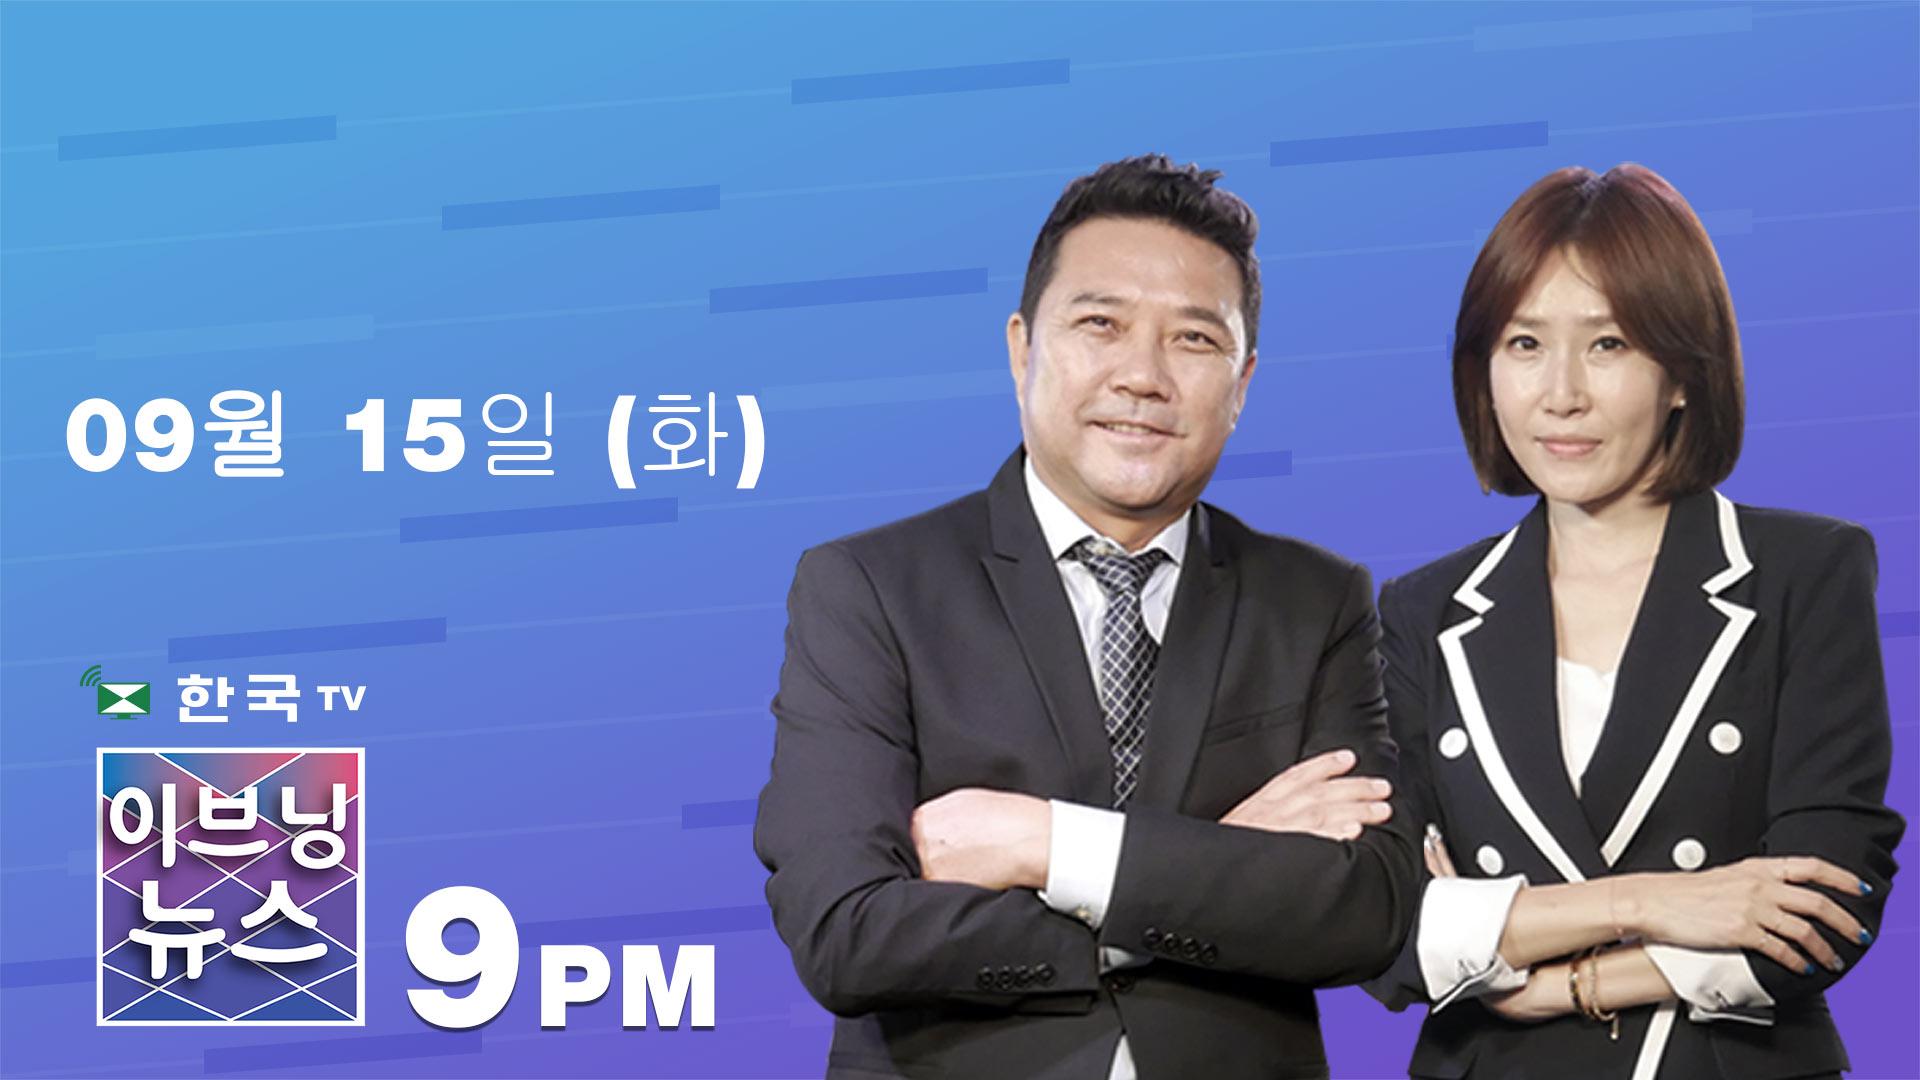 (09.15.2020) 한국TV 이브닝 뉴스